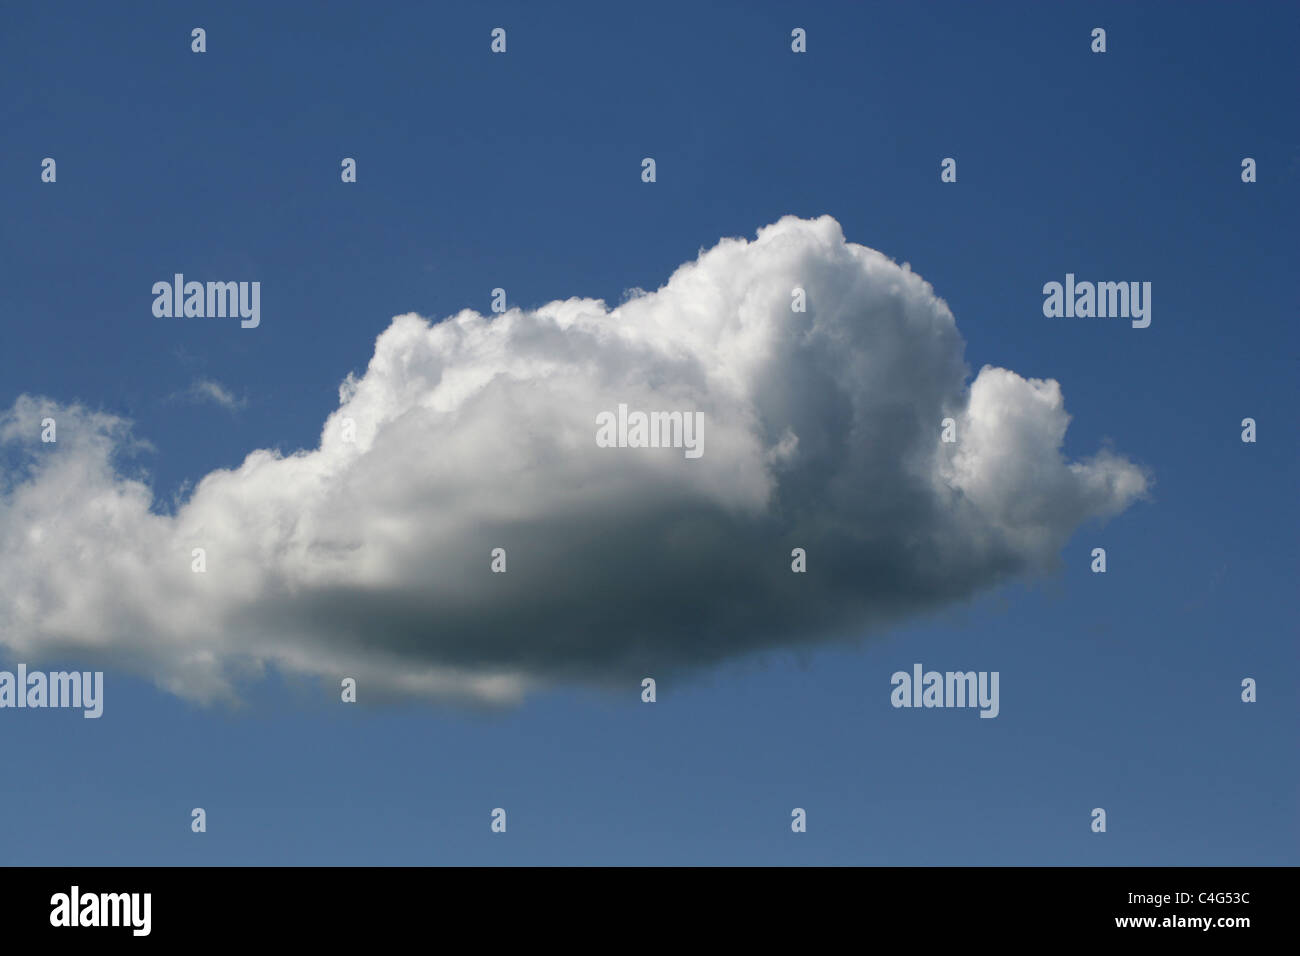 Cumulus Clouds in a Blue Sky. - Stock Image